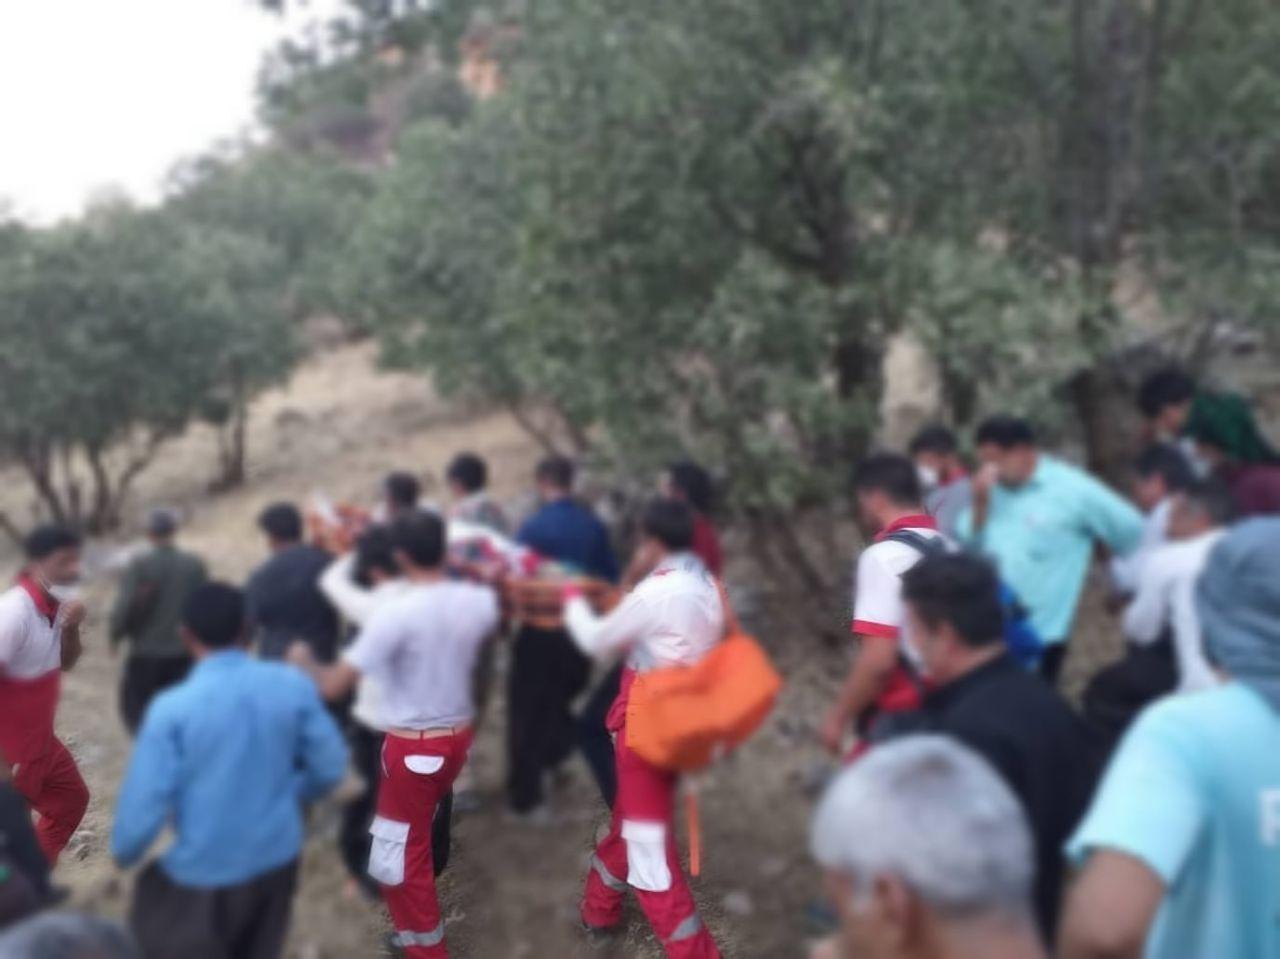 انتقال جسد مرد ۴۵ ساله از ارتفاعات روستای حسن گاوداری توسط نجاتگران هلال احمر